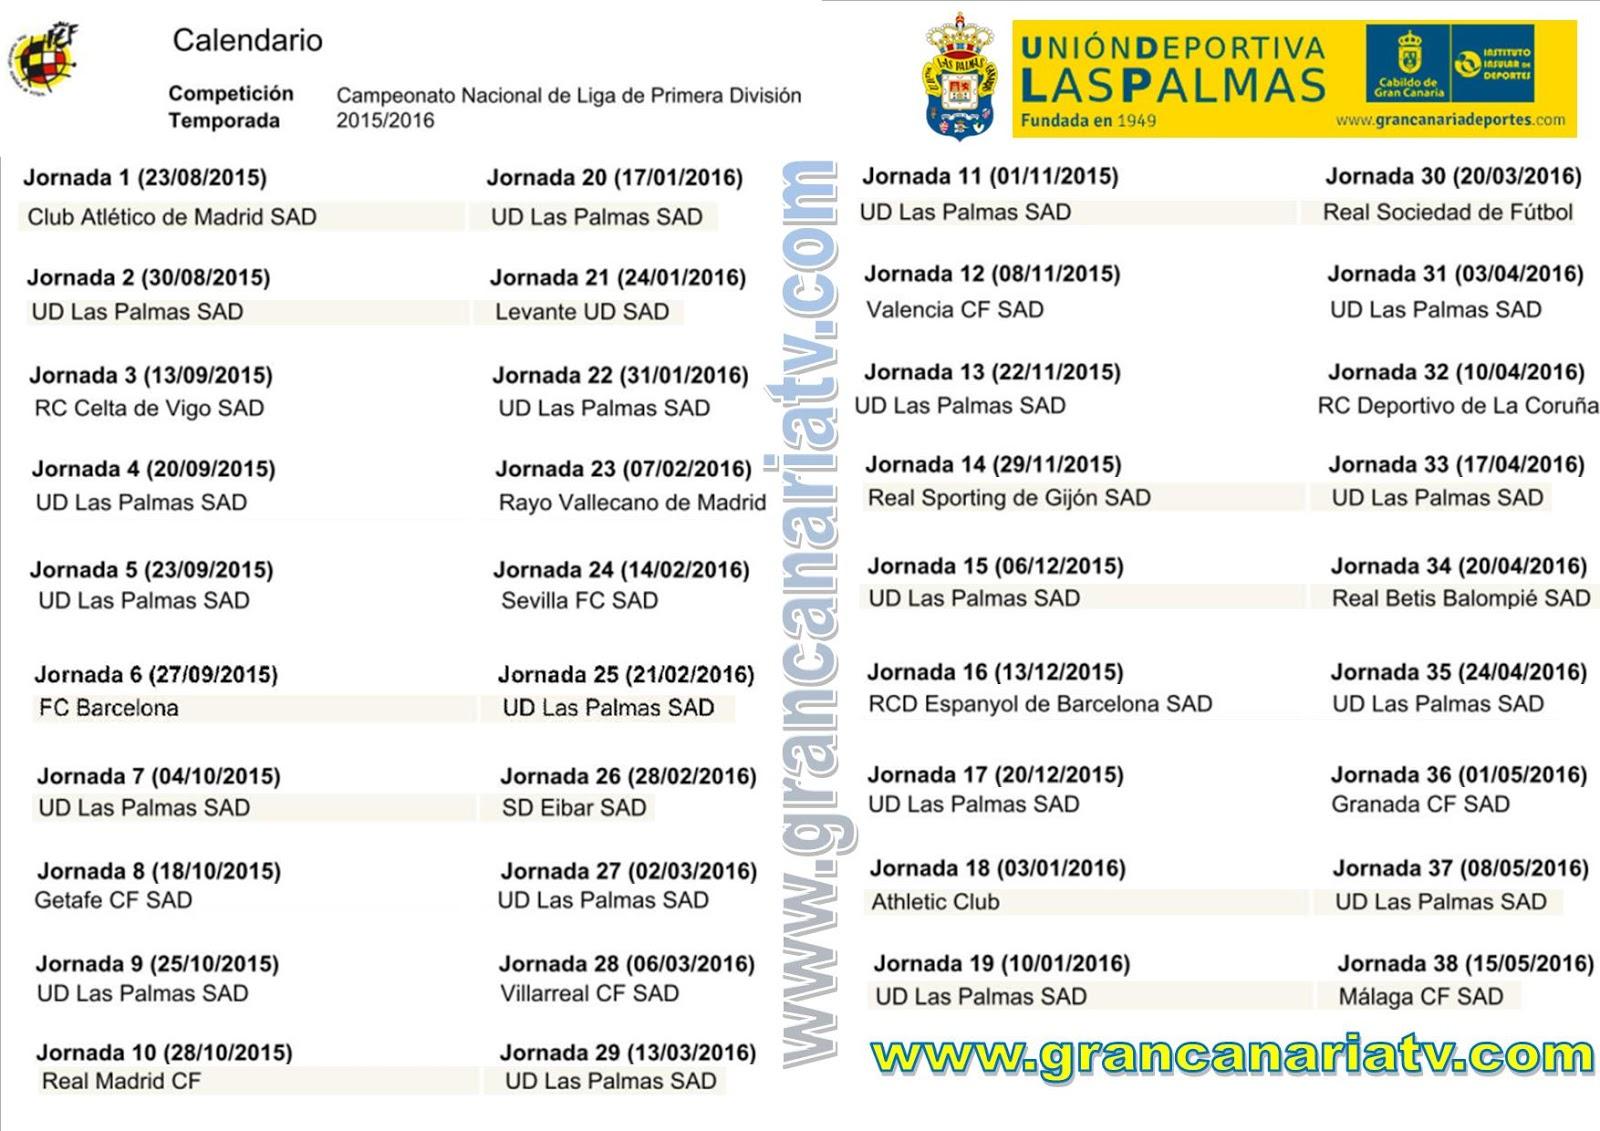 Calendario Ud Las Palmas.Calendario Completo De Ud Las Palmas Grancanariatv Com